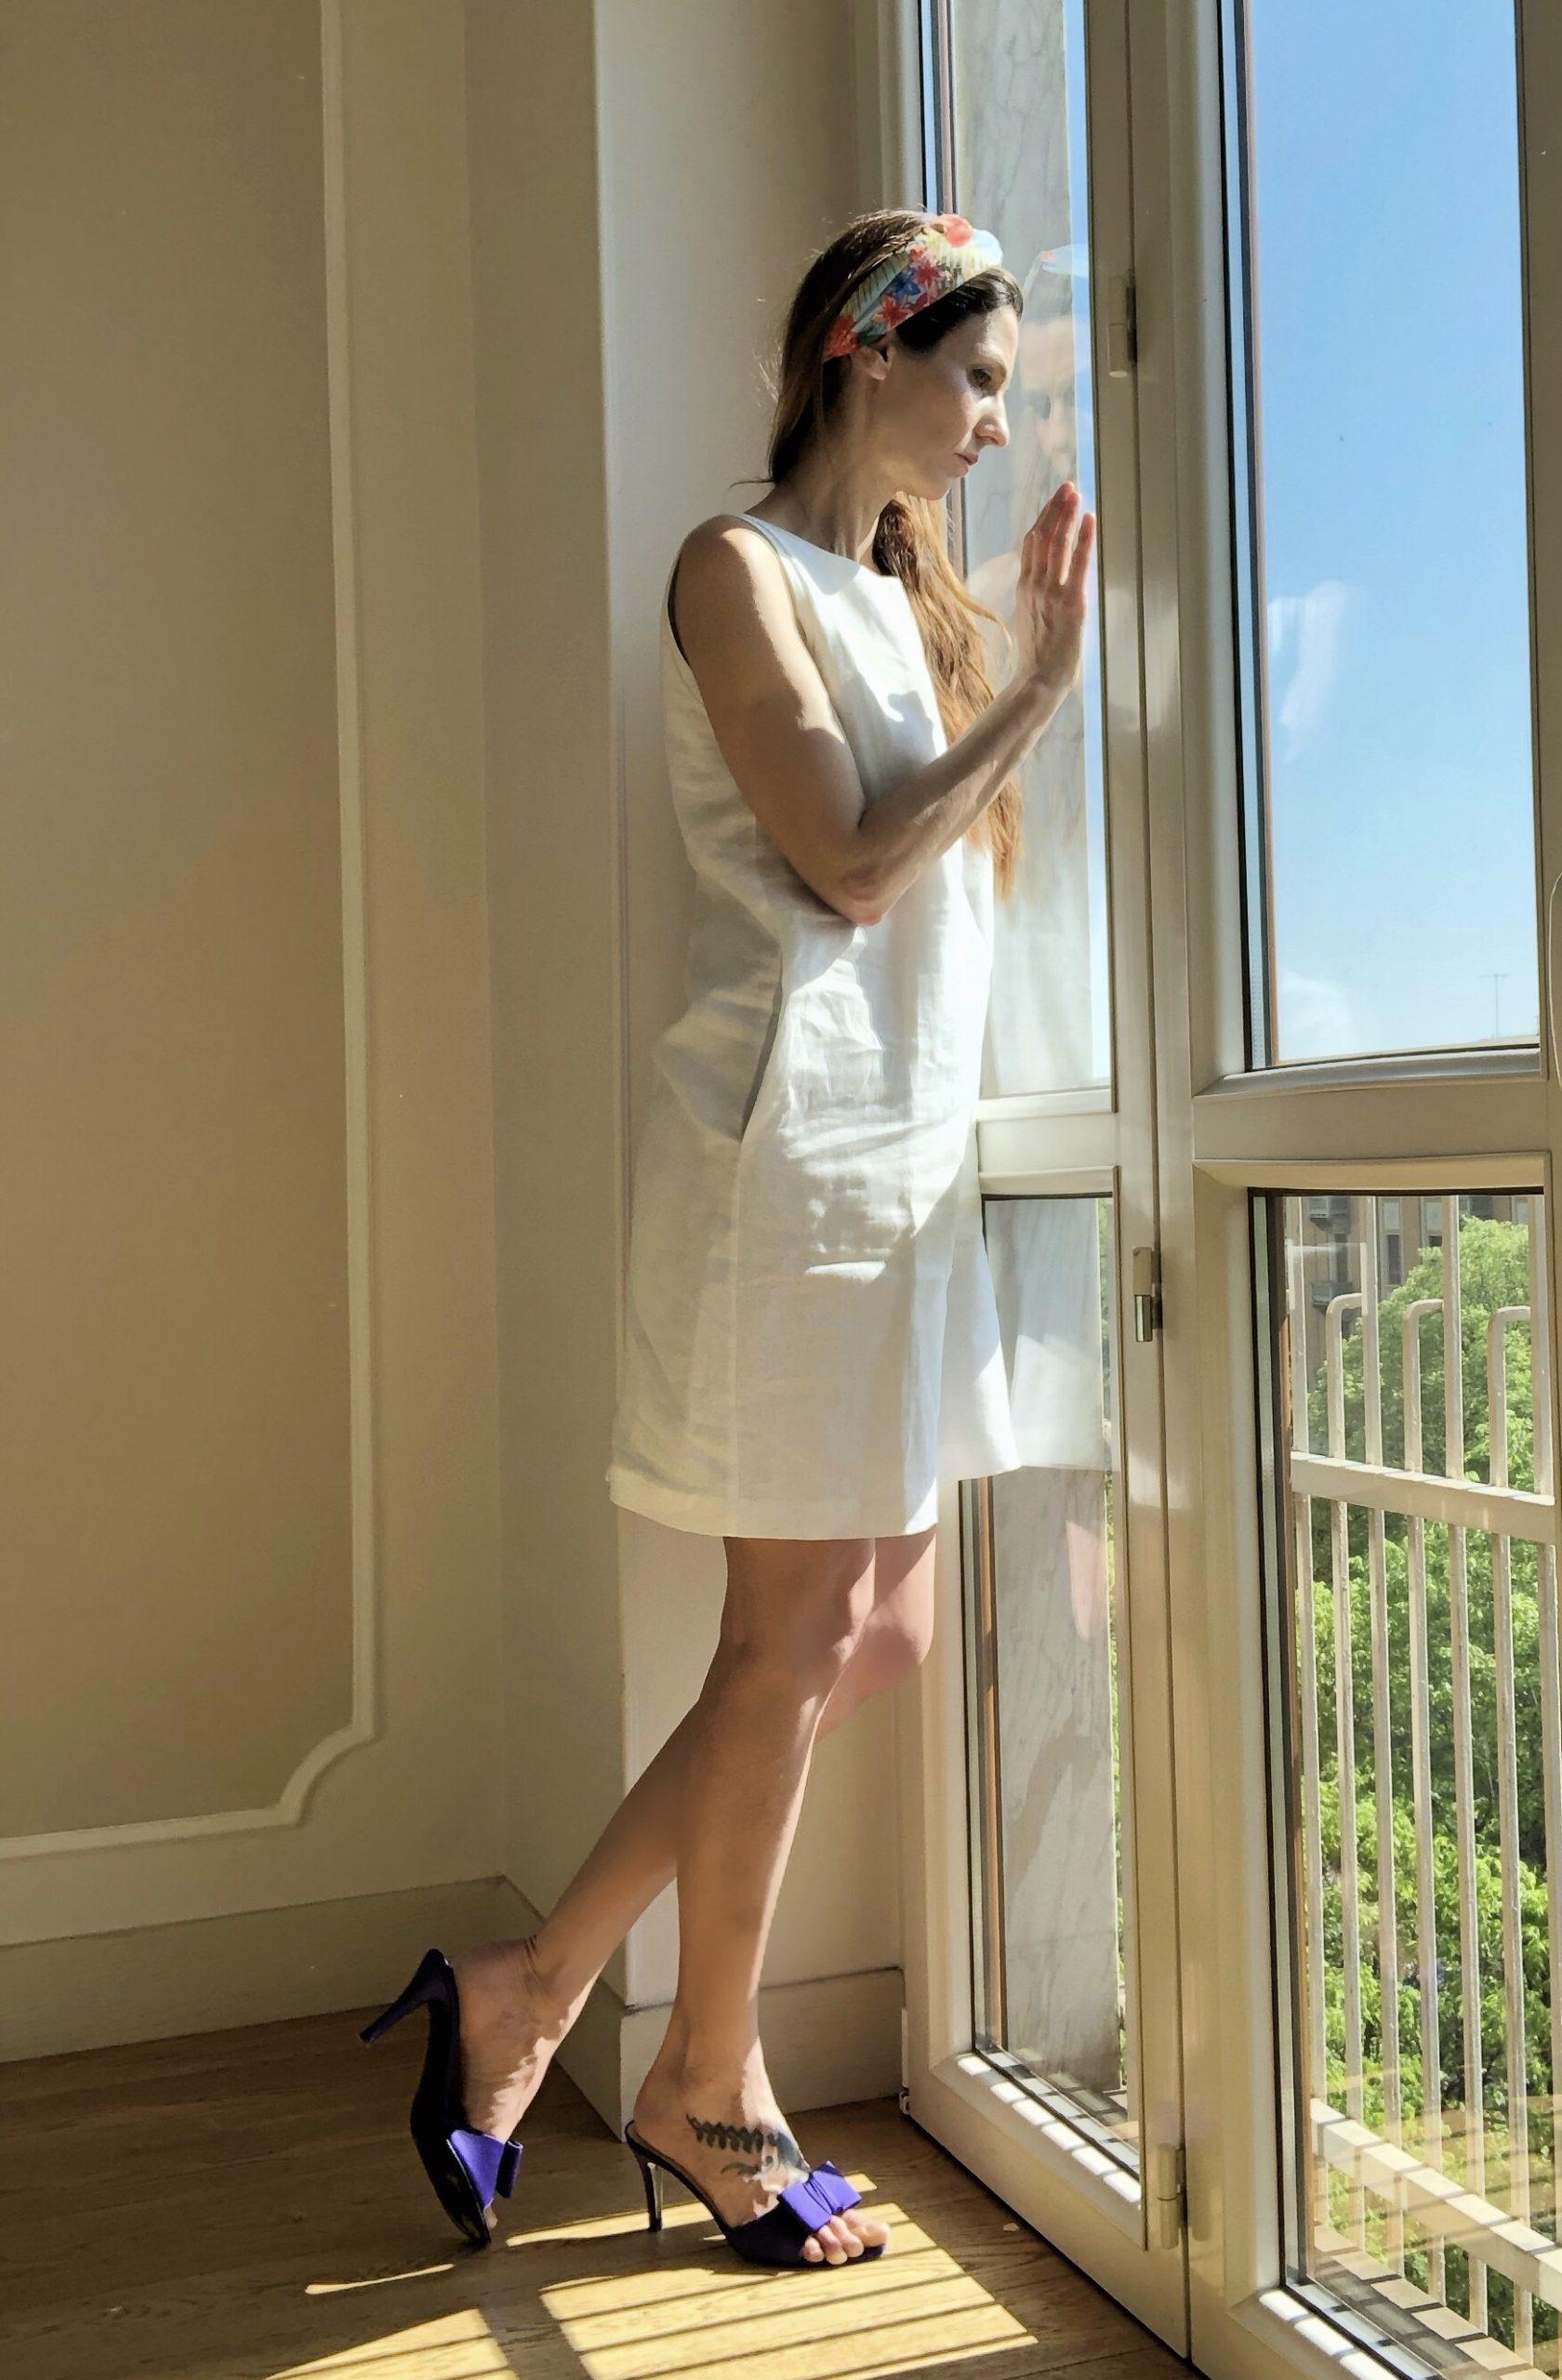 DONNA-guarda-fuori-dalla-finestra-vestita-alla-moda